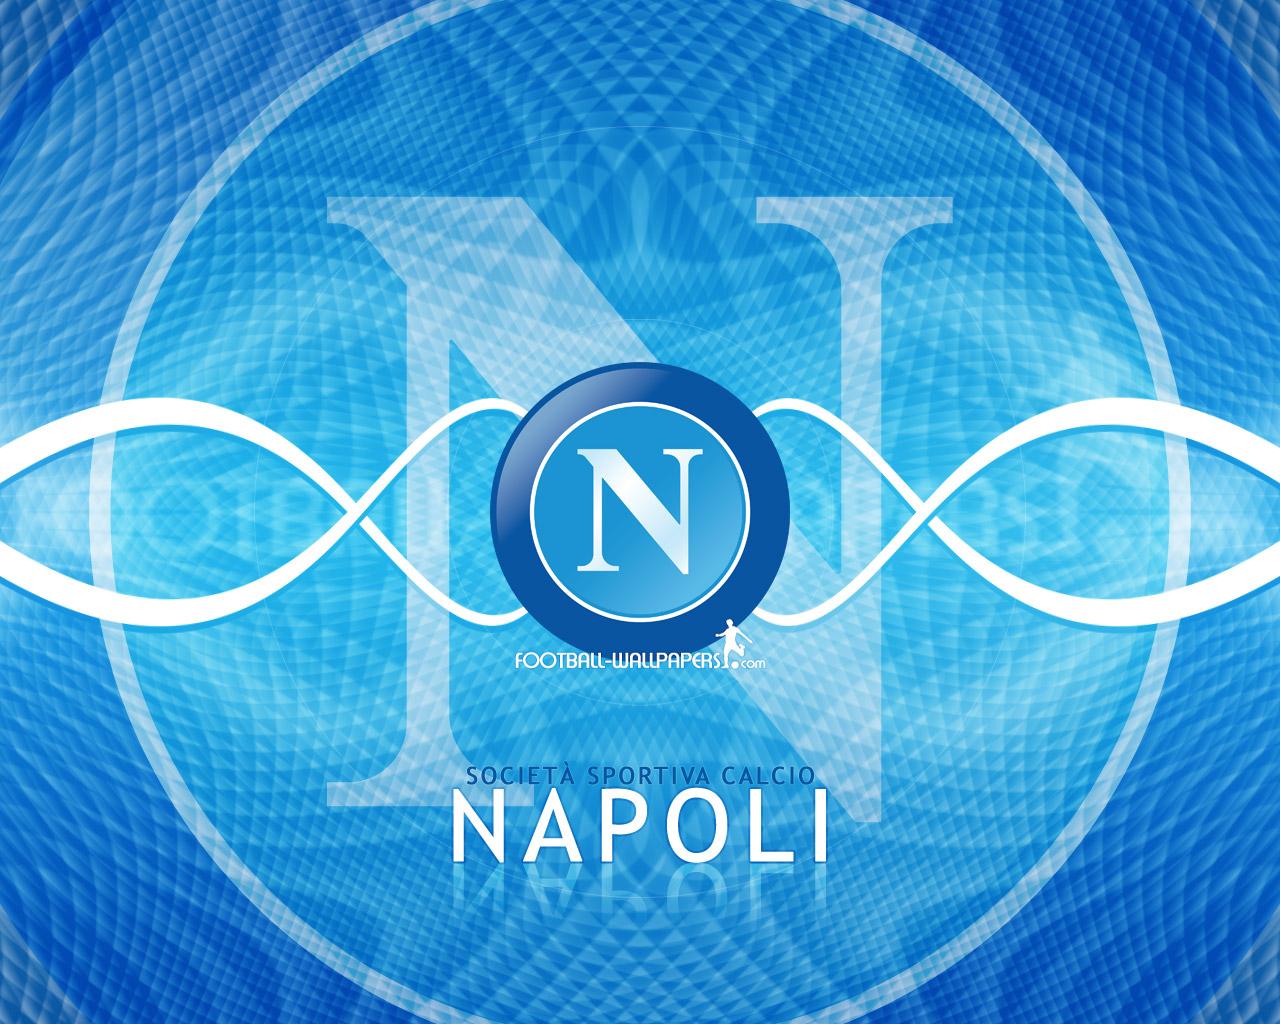 """Il Napoli risponde al Pres. Del San Paolo: """"Ognuno si qualifica per quello che dice"""""""